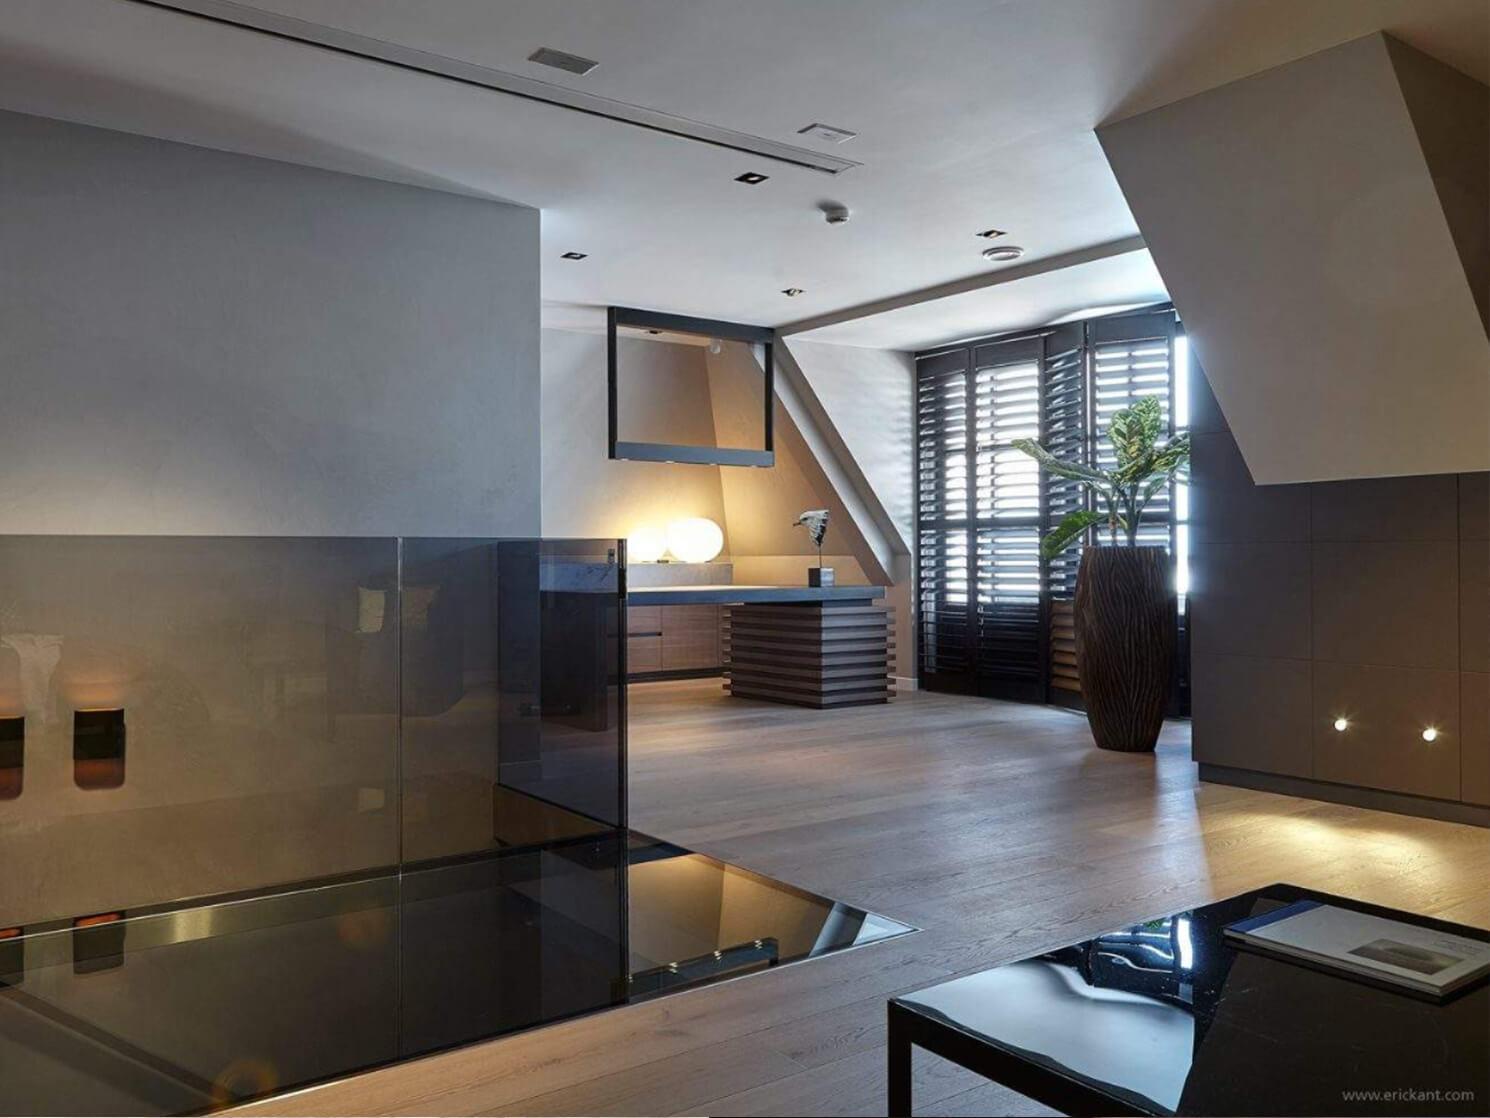 Interieur design Penthouse Tielemans Eric Kant